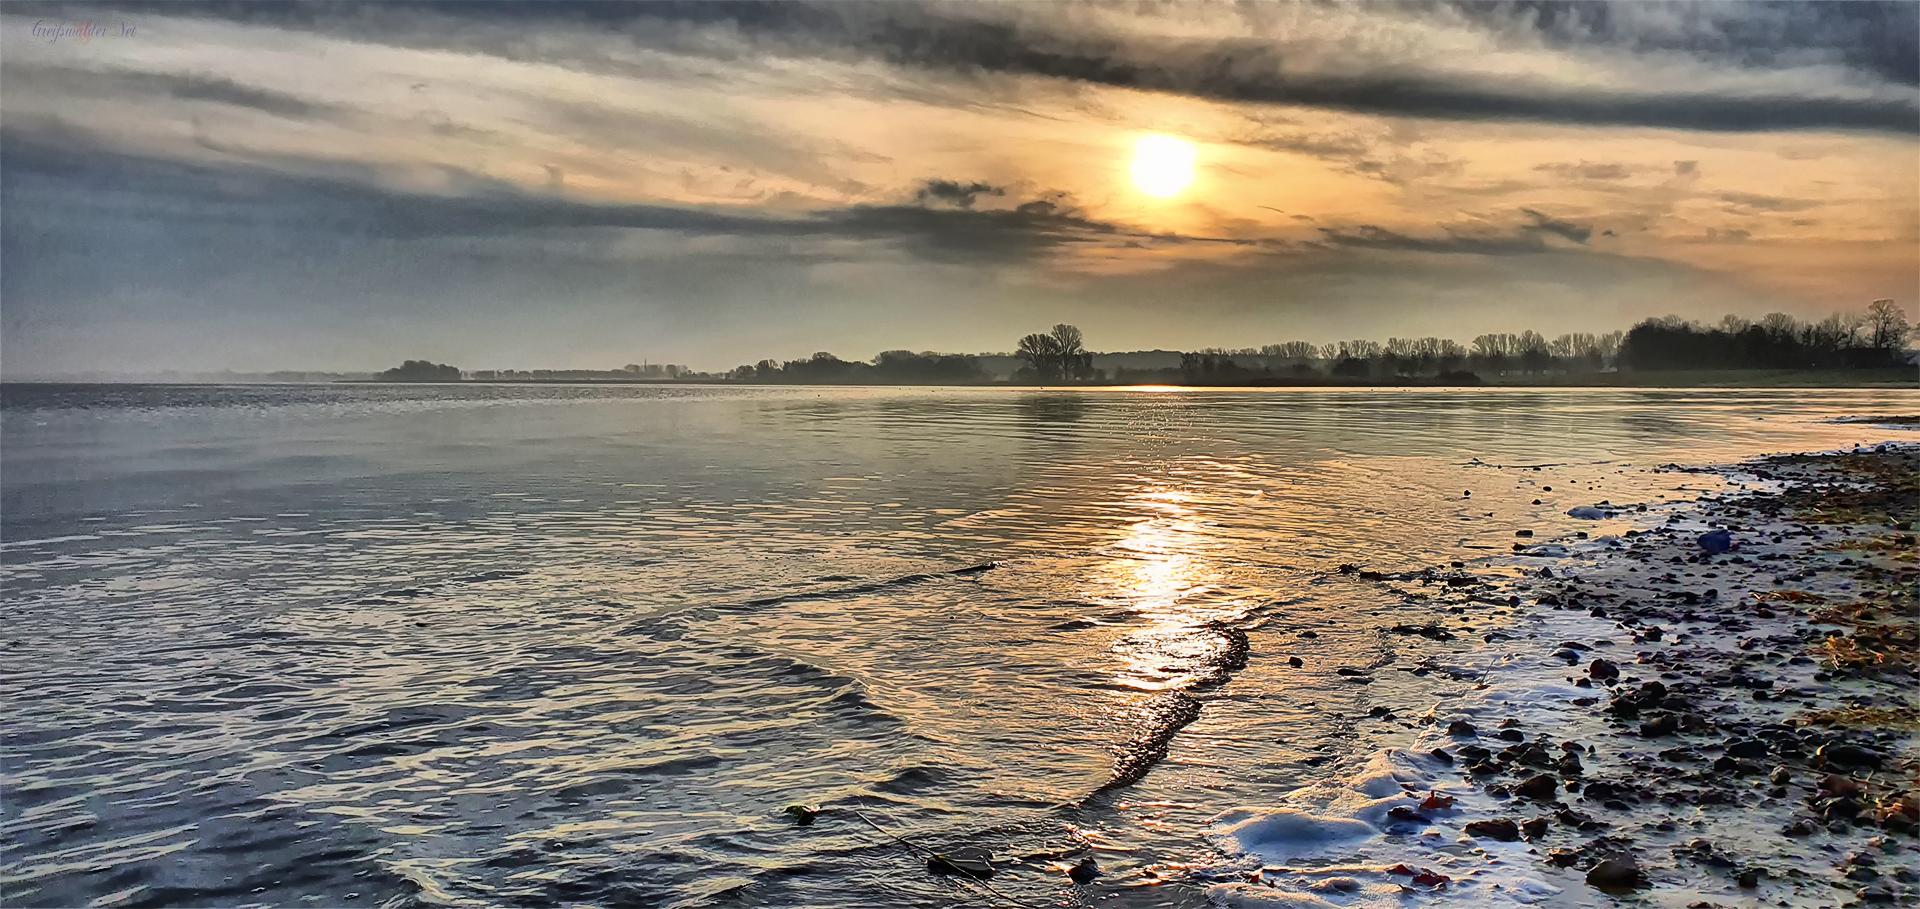 Sonntagmorgen an der Dänischen Wiek am Strand in Greifswald-Eldena